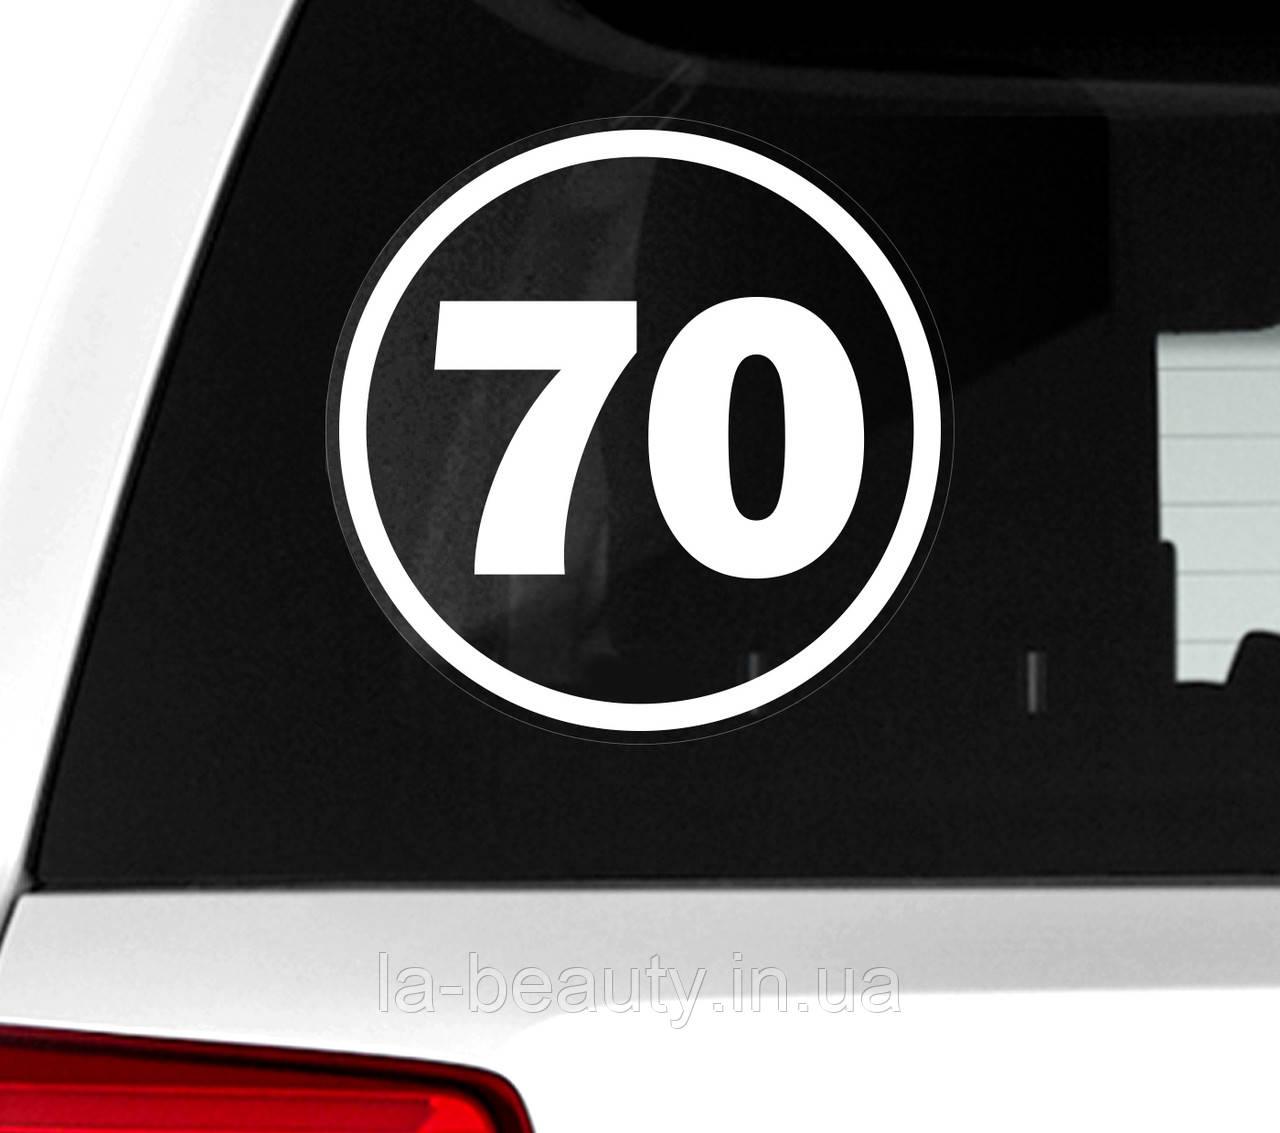 Наклейка знак на машину авто стекло 70 (км, ограничительный знак)